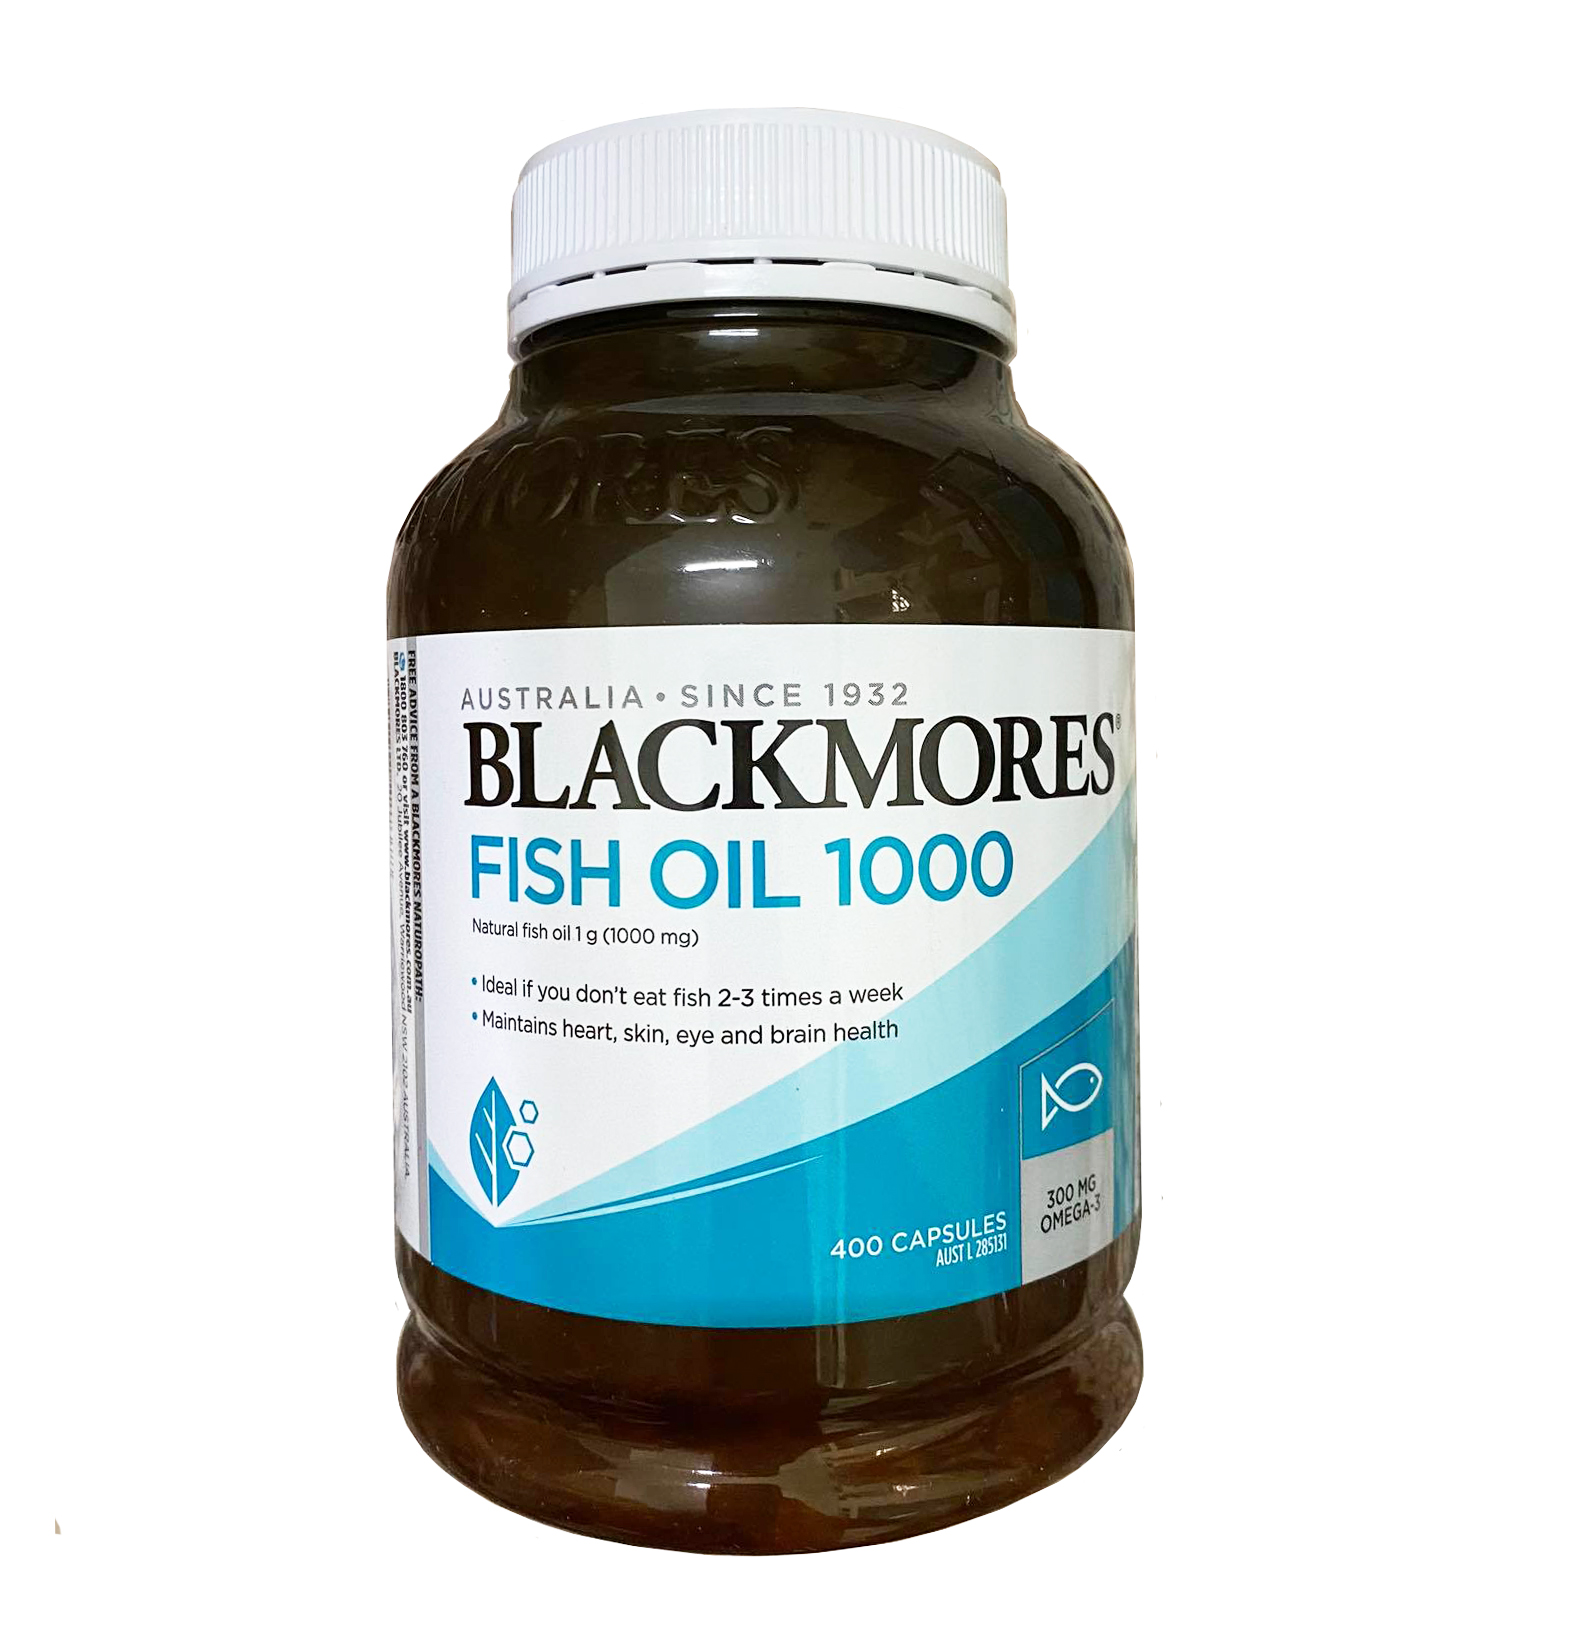 Dầu cá Blackmores fish oil 1000 bổ sung omega 3 tự nhiên mẫu mới